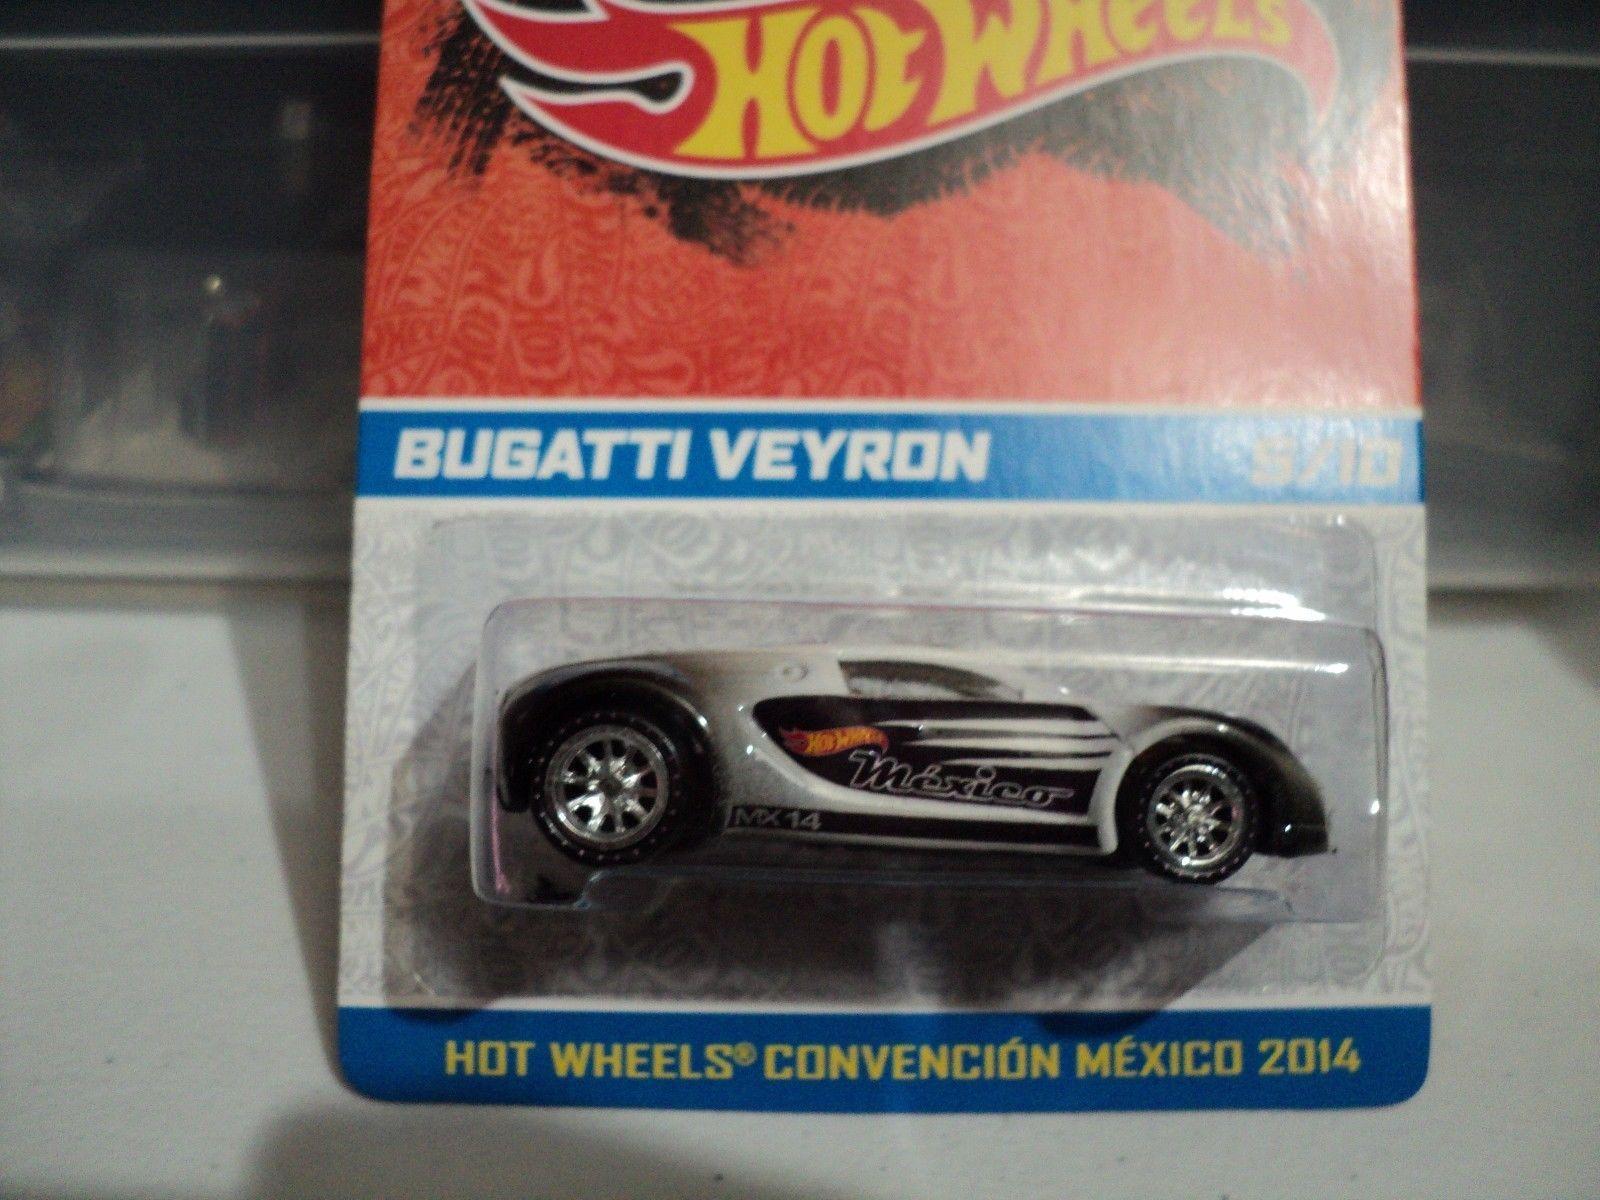 c8682b2fc26ce6868281cb0939b9a4ec Elegant Bugatti Veyron toy Car Hot Wheels Cars Trend